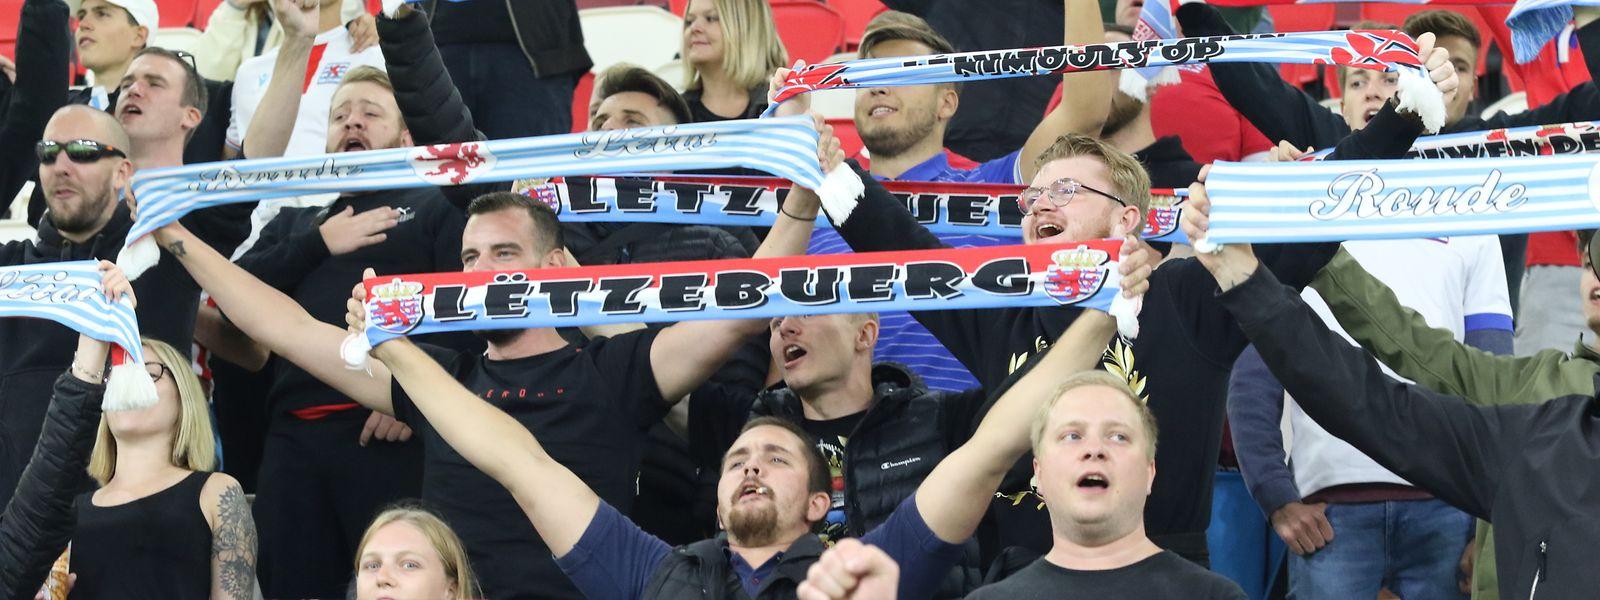 1.700 supporters étaient dans les gradins pour soutenir les Luxembourgeois. Une jauge réduite en raison du covid.